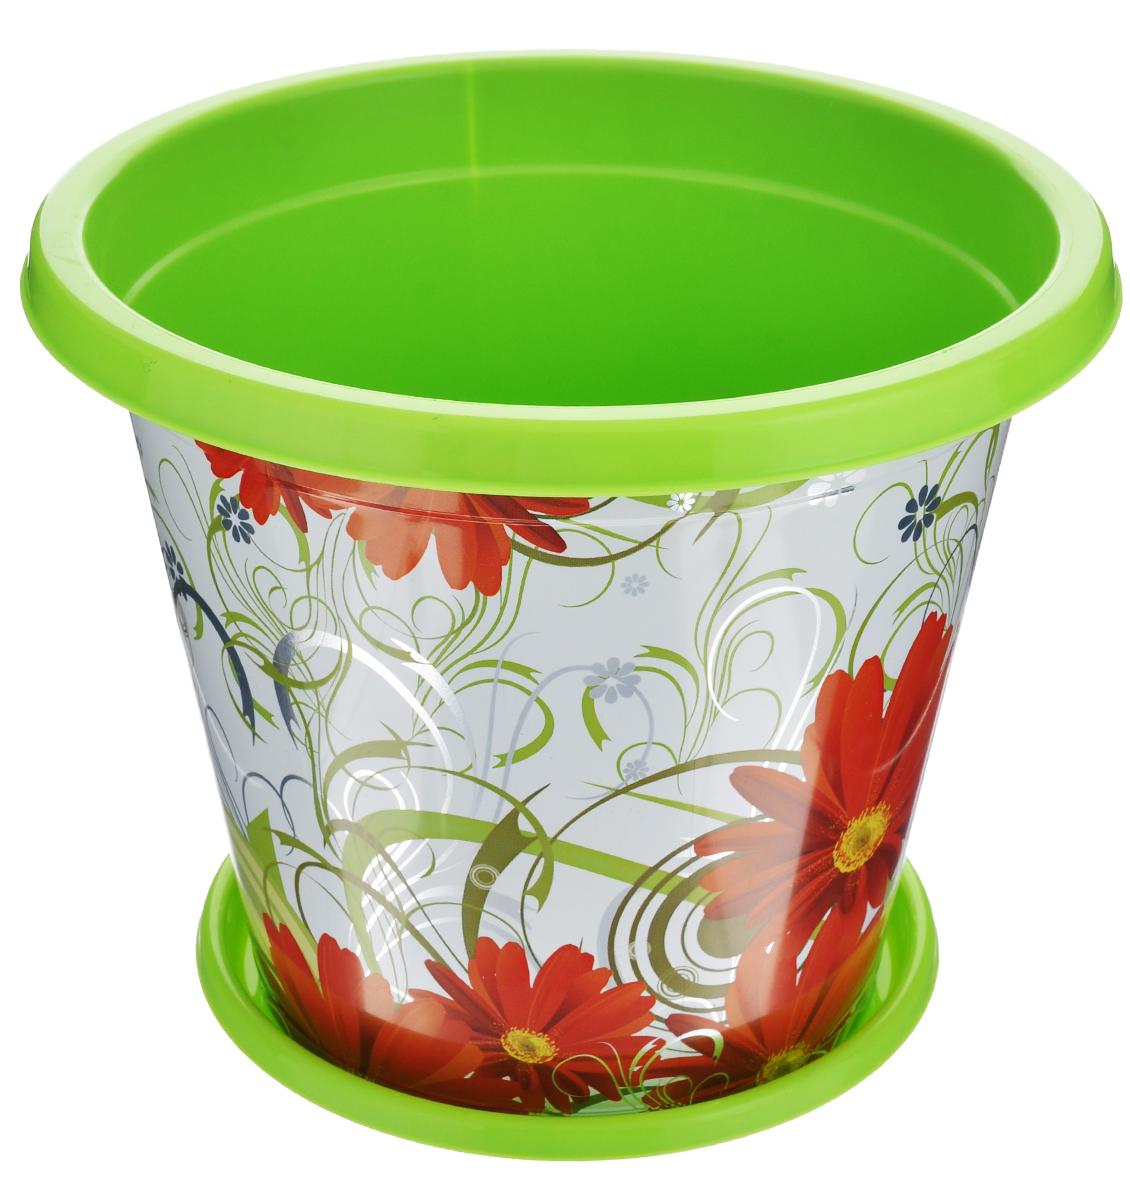 Горшок-кашпо Альтернатива Сюзанна, с поддоном, цвет: салатовый, красный, 3 лМ4049_салатовыйГоршок-кашпо Альтернатива Сюзанна изготовлен из прочного пластика и оформлен красивым цветочным рисунком. Круглый поддон предназначен для стока воды. Изделие подходит для выращивания растений и цветов в домашних условиях. Такой горшок порадует вас изысканным дизайном и функциональностью, а также оригинально украсит интерьер помещения. Диаметр горшка по верхнему краю: 21 см. Высота горшка: 17 см. Диаметр поддона: 15,5 см. Объем горшка: 3 л.